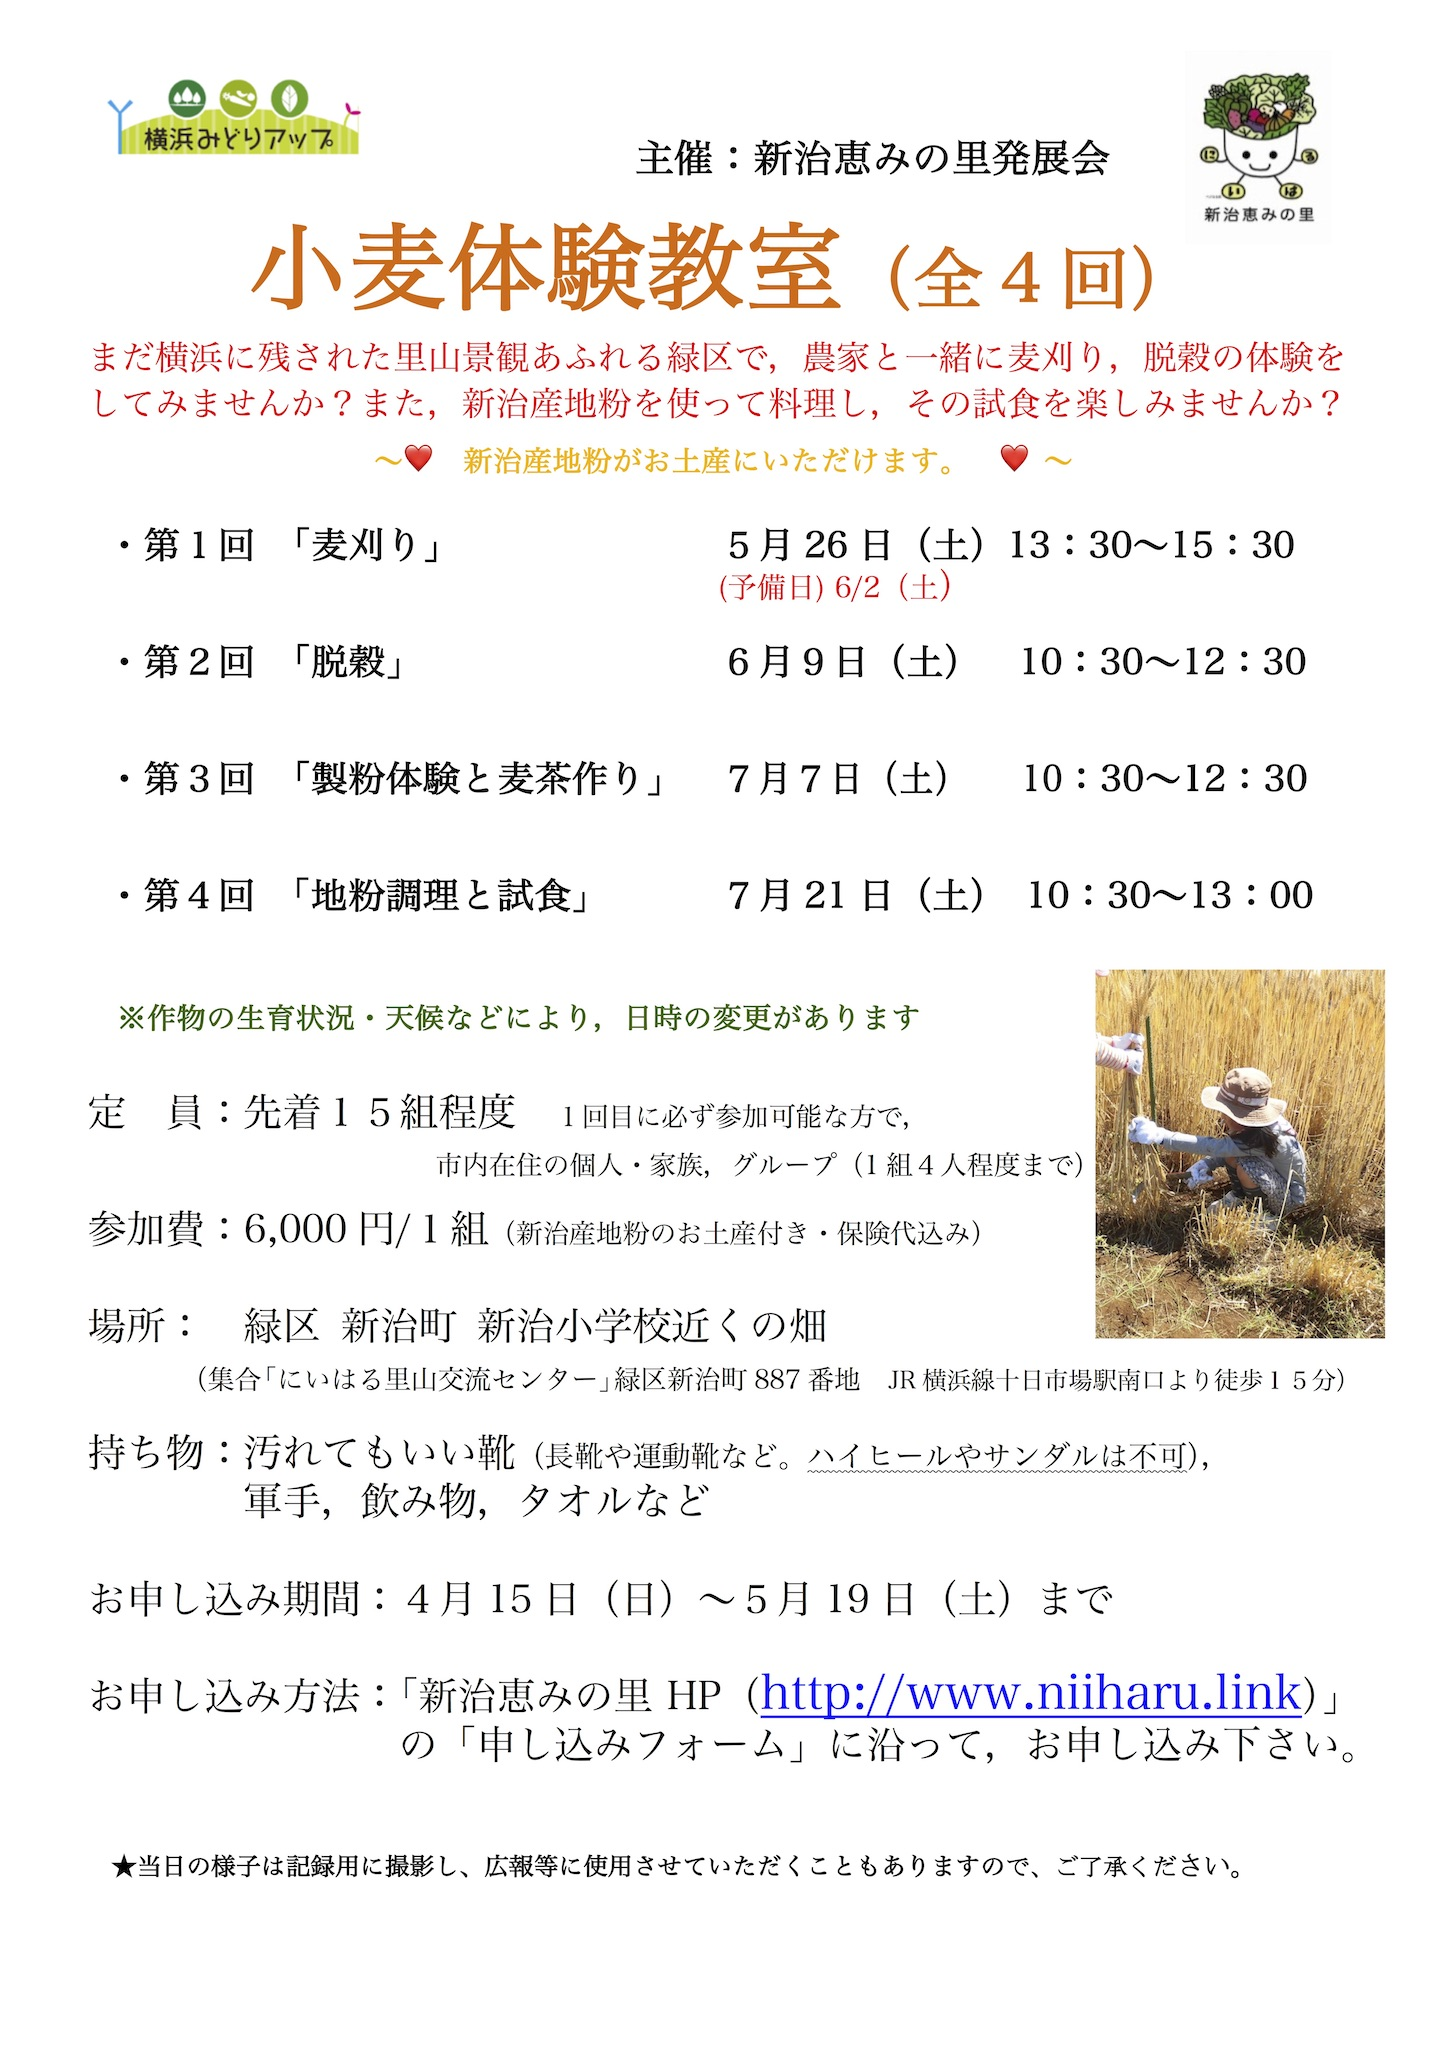 2018小麦体験教室(ポスター・チラシ)